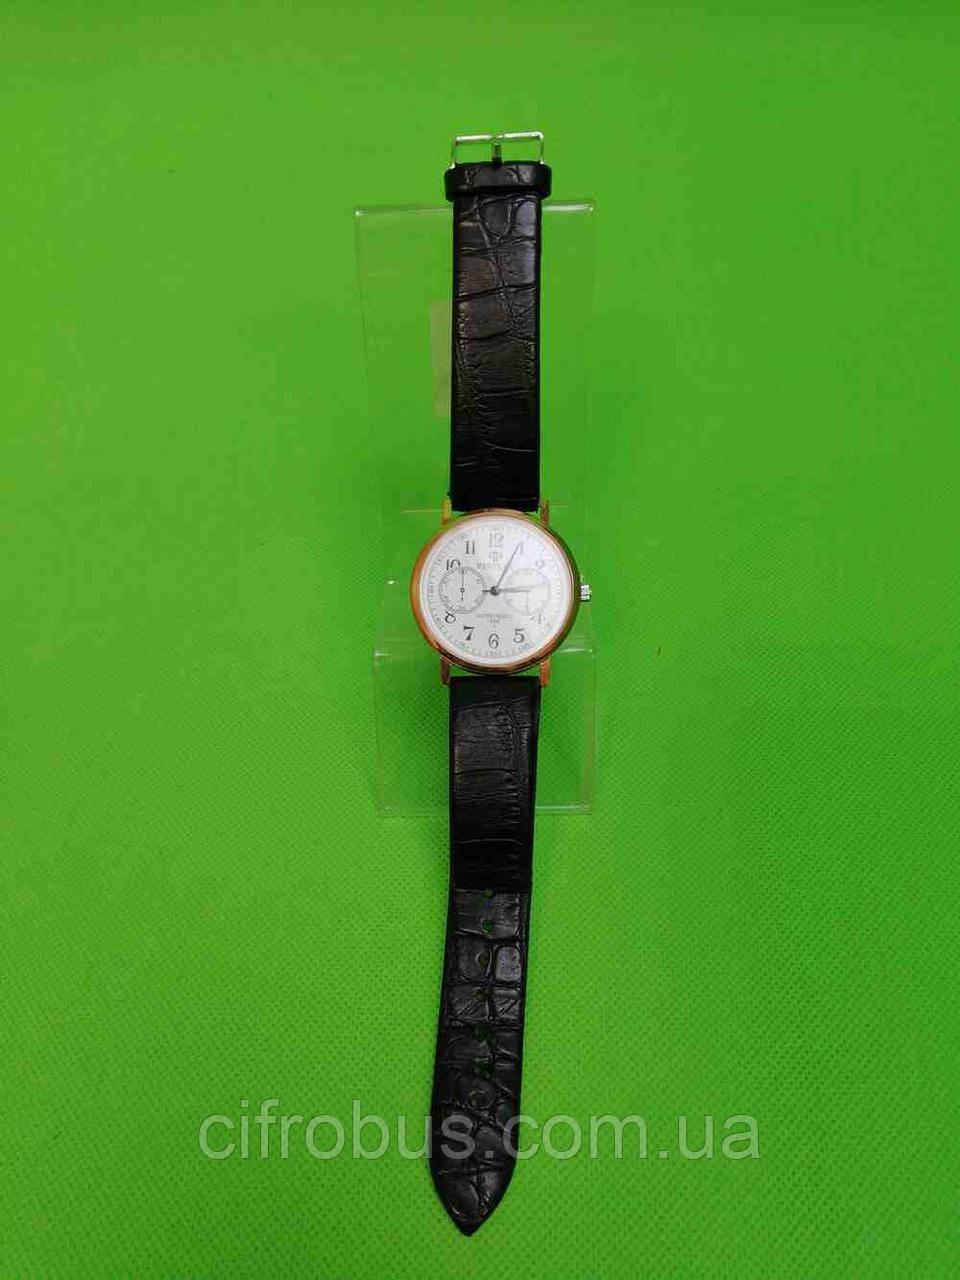 Б/У Часы Perfect Quartz